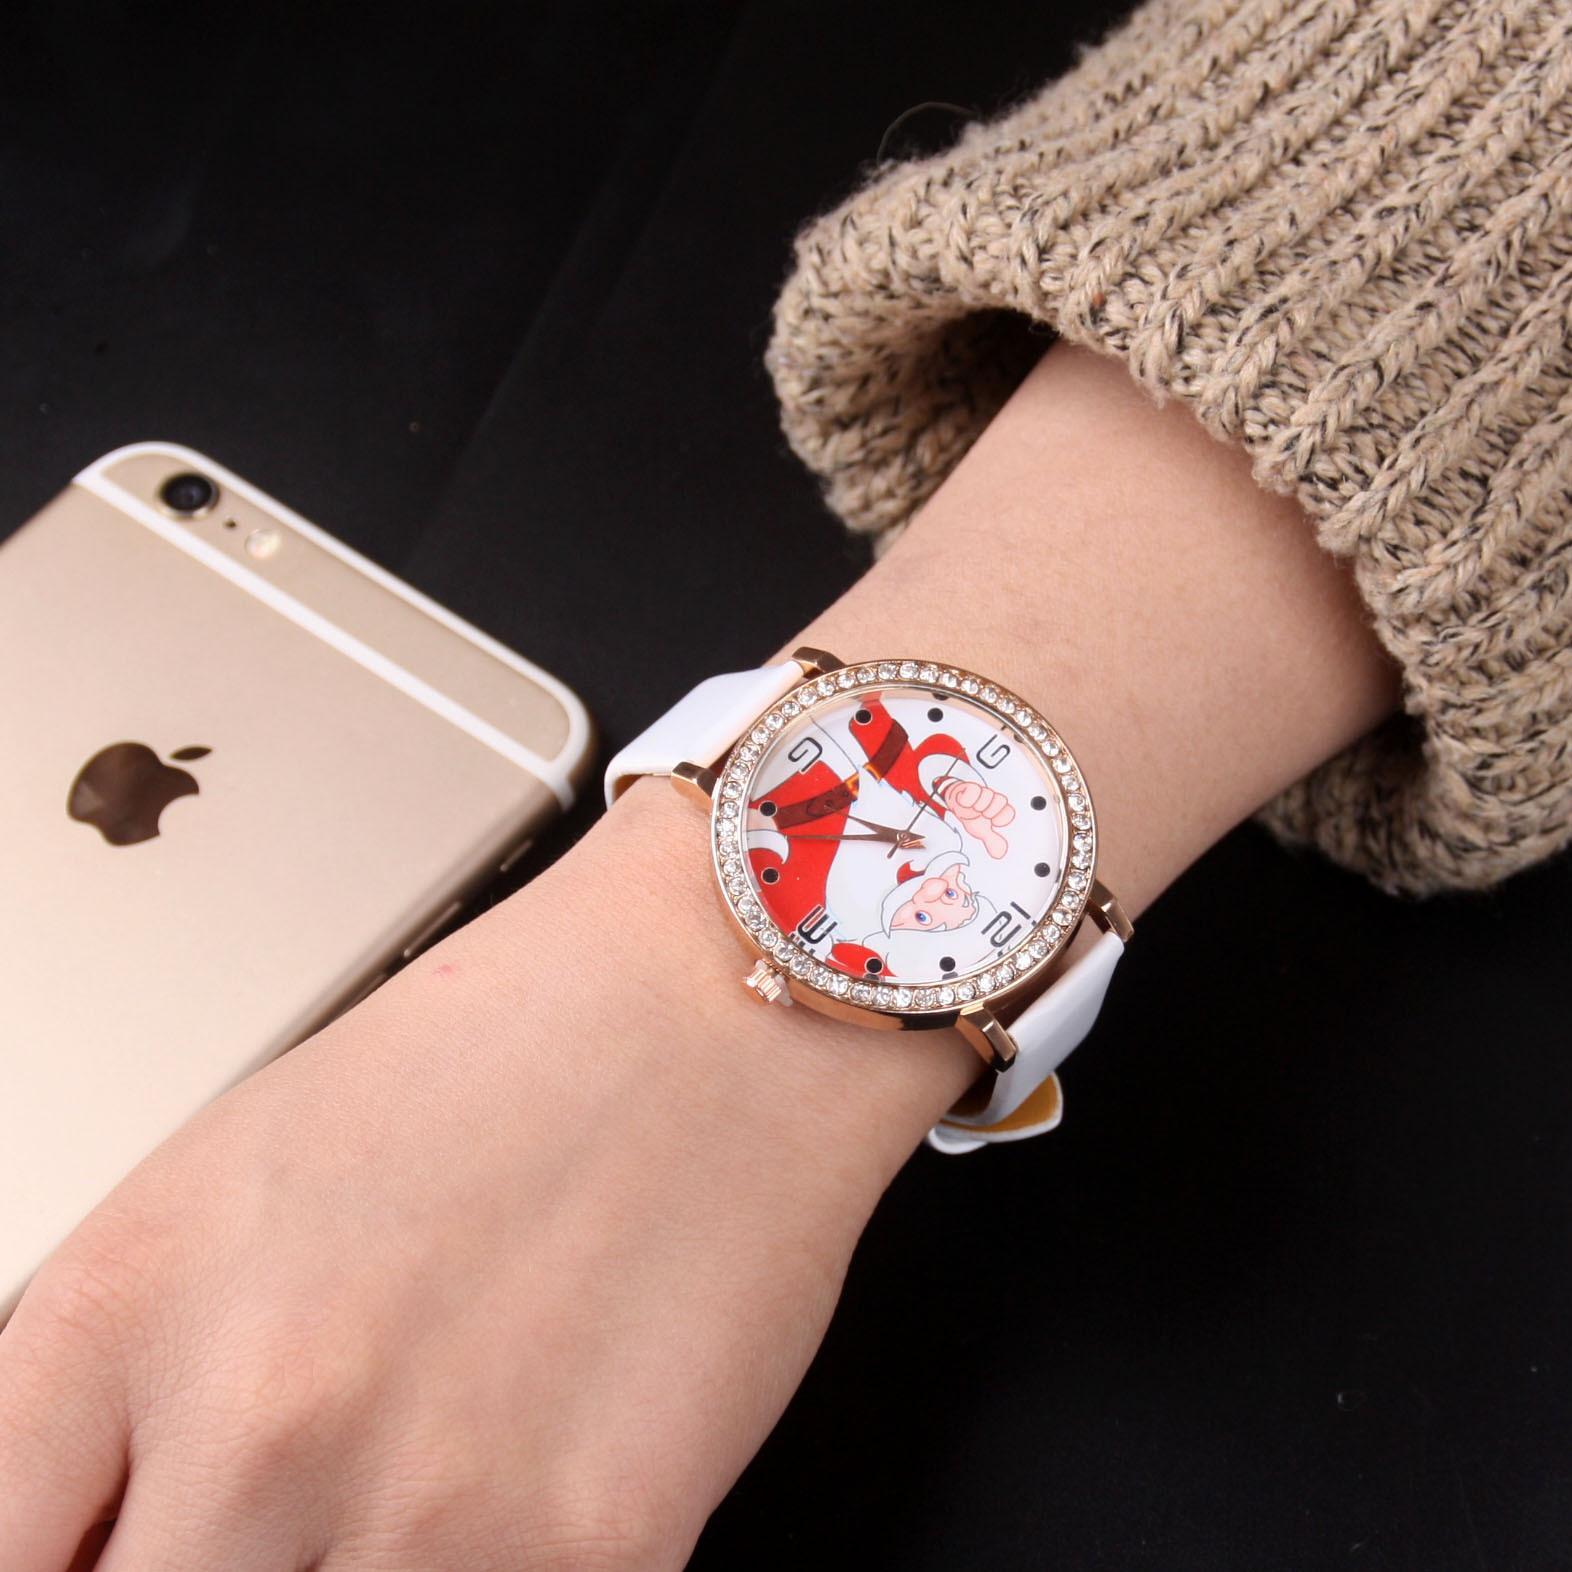 Weihnachtsgeschenke Uhren Großhandel Europa und Amerika Creative Quarz casual Uhren Santa Claus Persönlichkeit Uhr